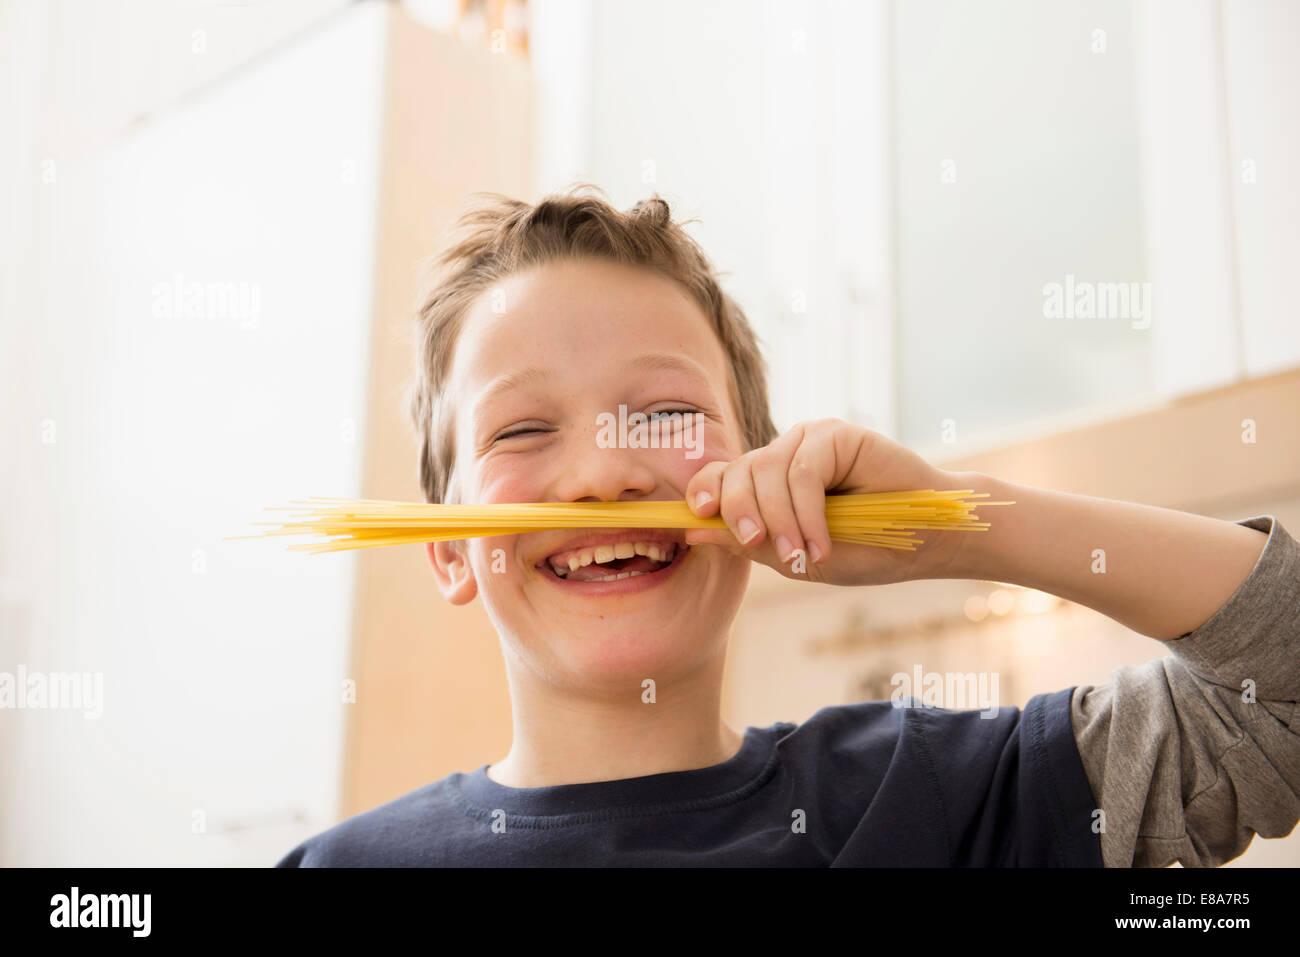 Smiling boy holding tank sous son nez Photo Stock